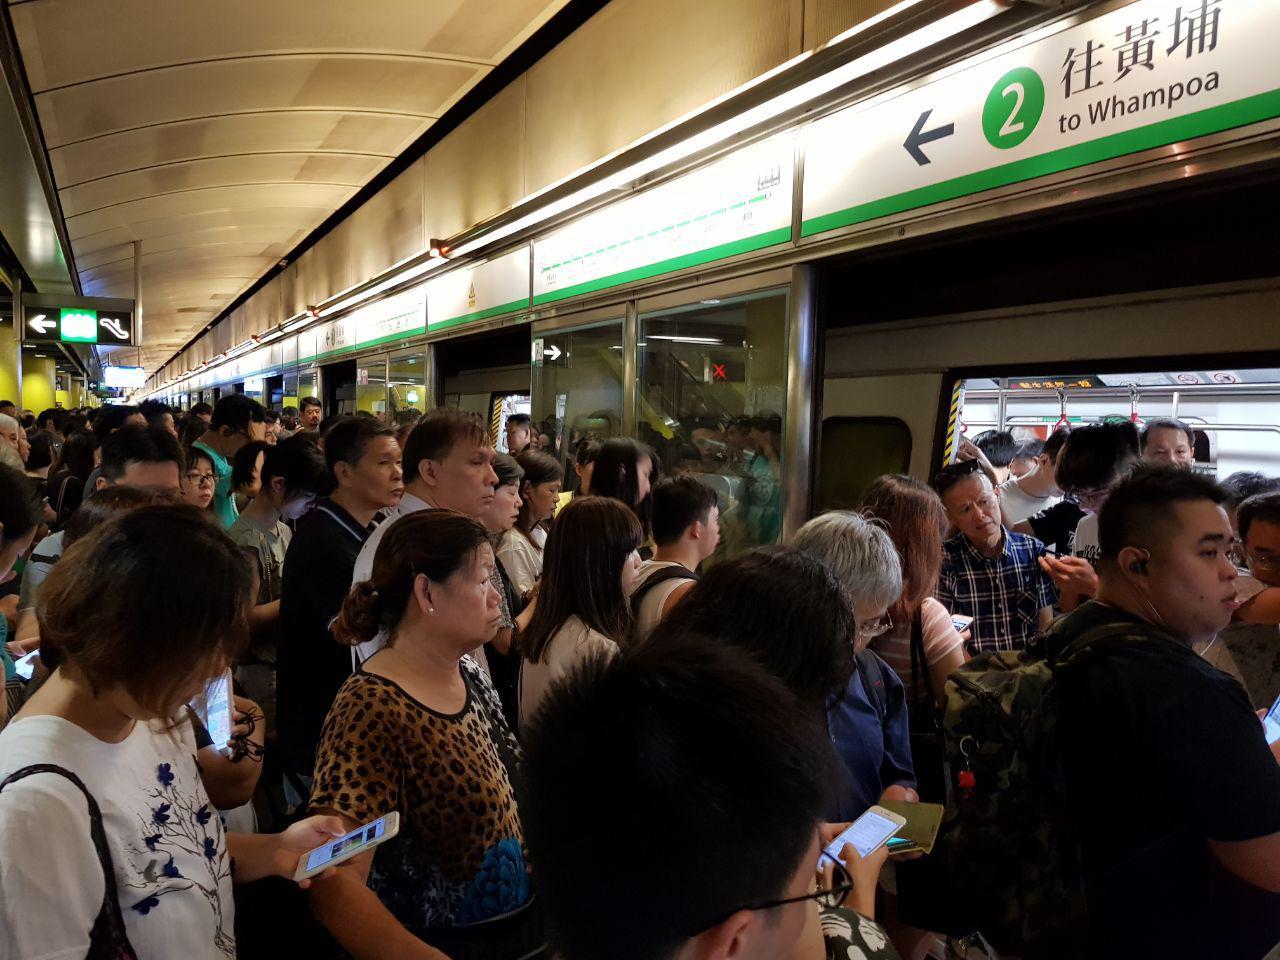 一批市民昨日分別在港鐵觀塘綫和港島綫發起不合作運動,多個車站一度暫停服務。圖為調景嶺站有人堵塞車門。(駱亞/大紀元)